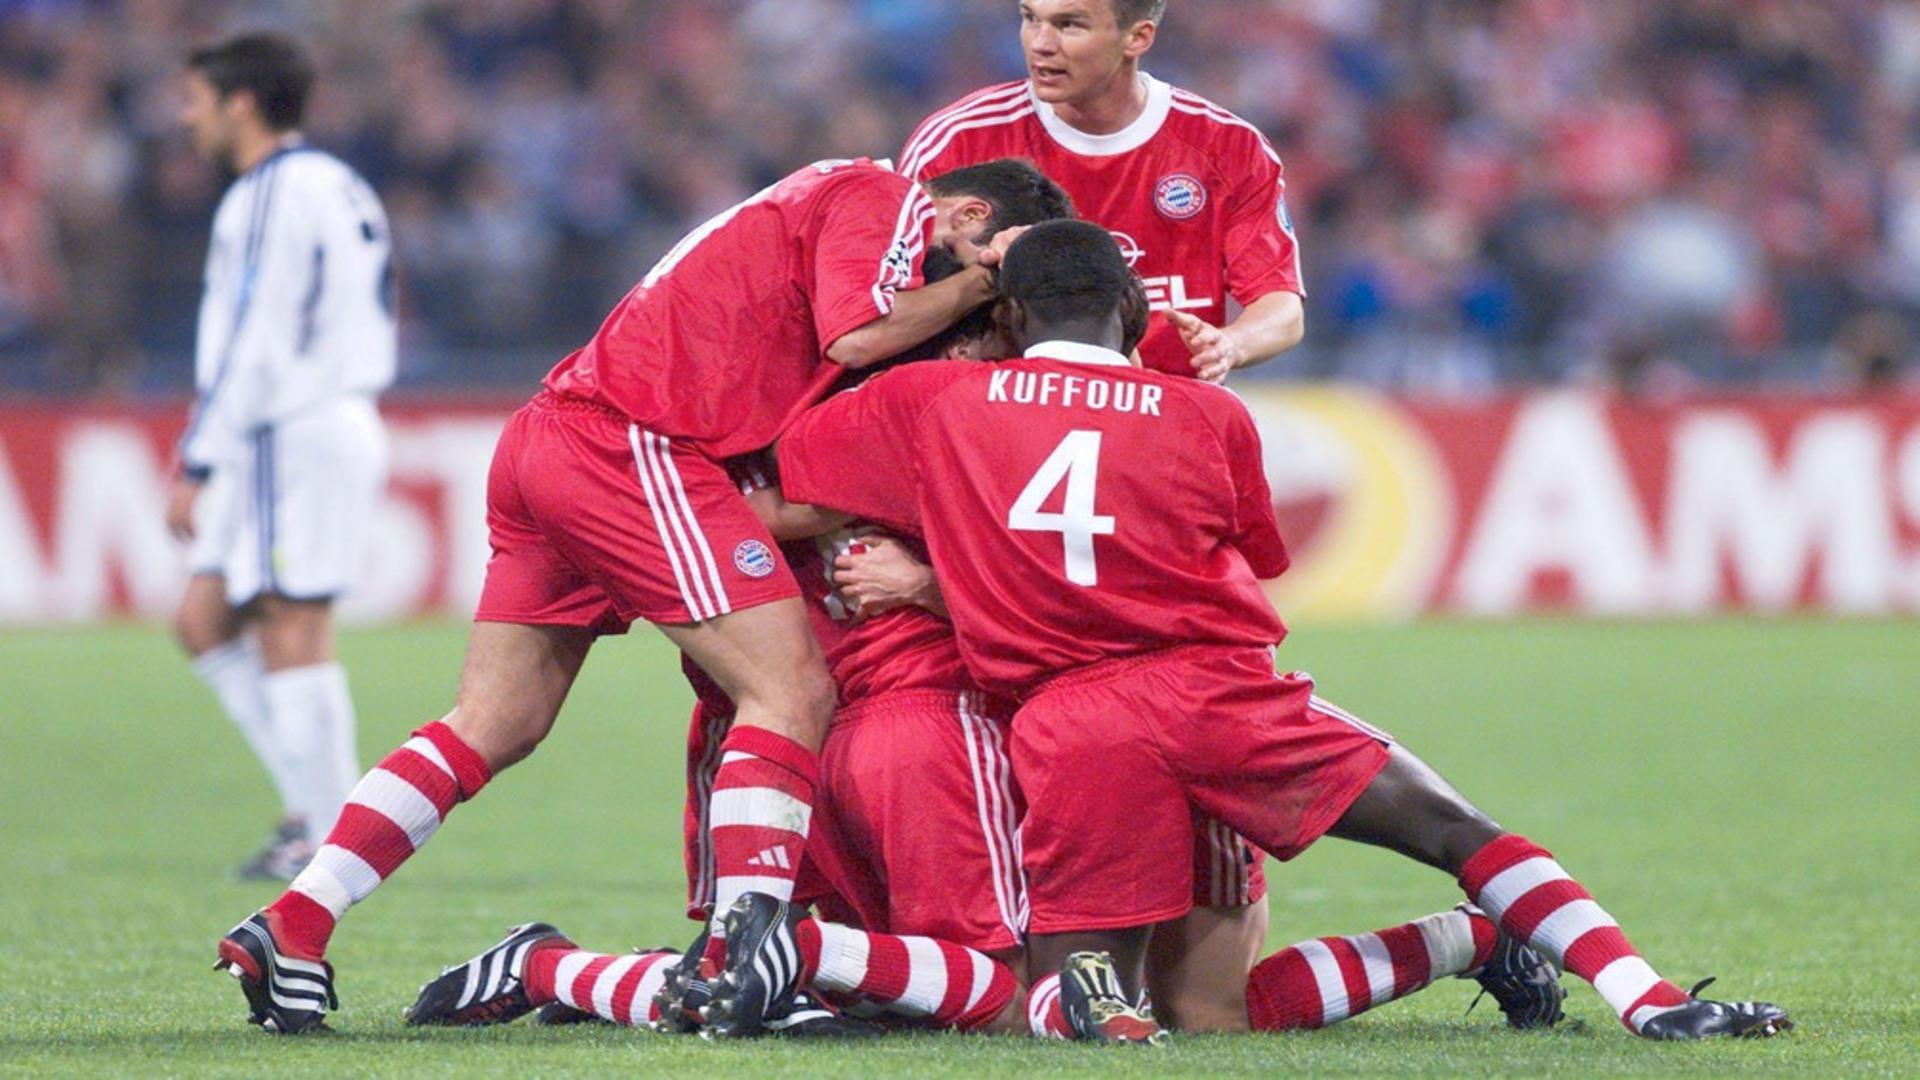 Kuffour Bayern 2001